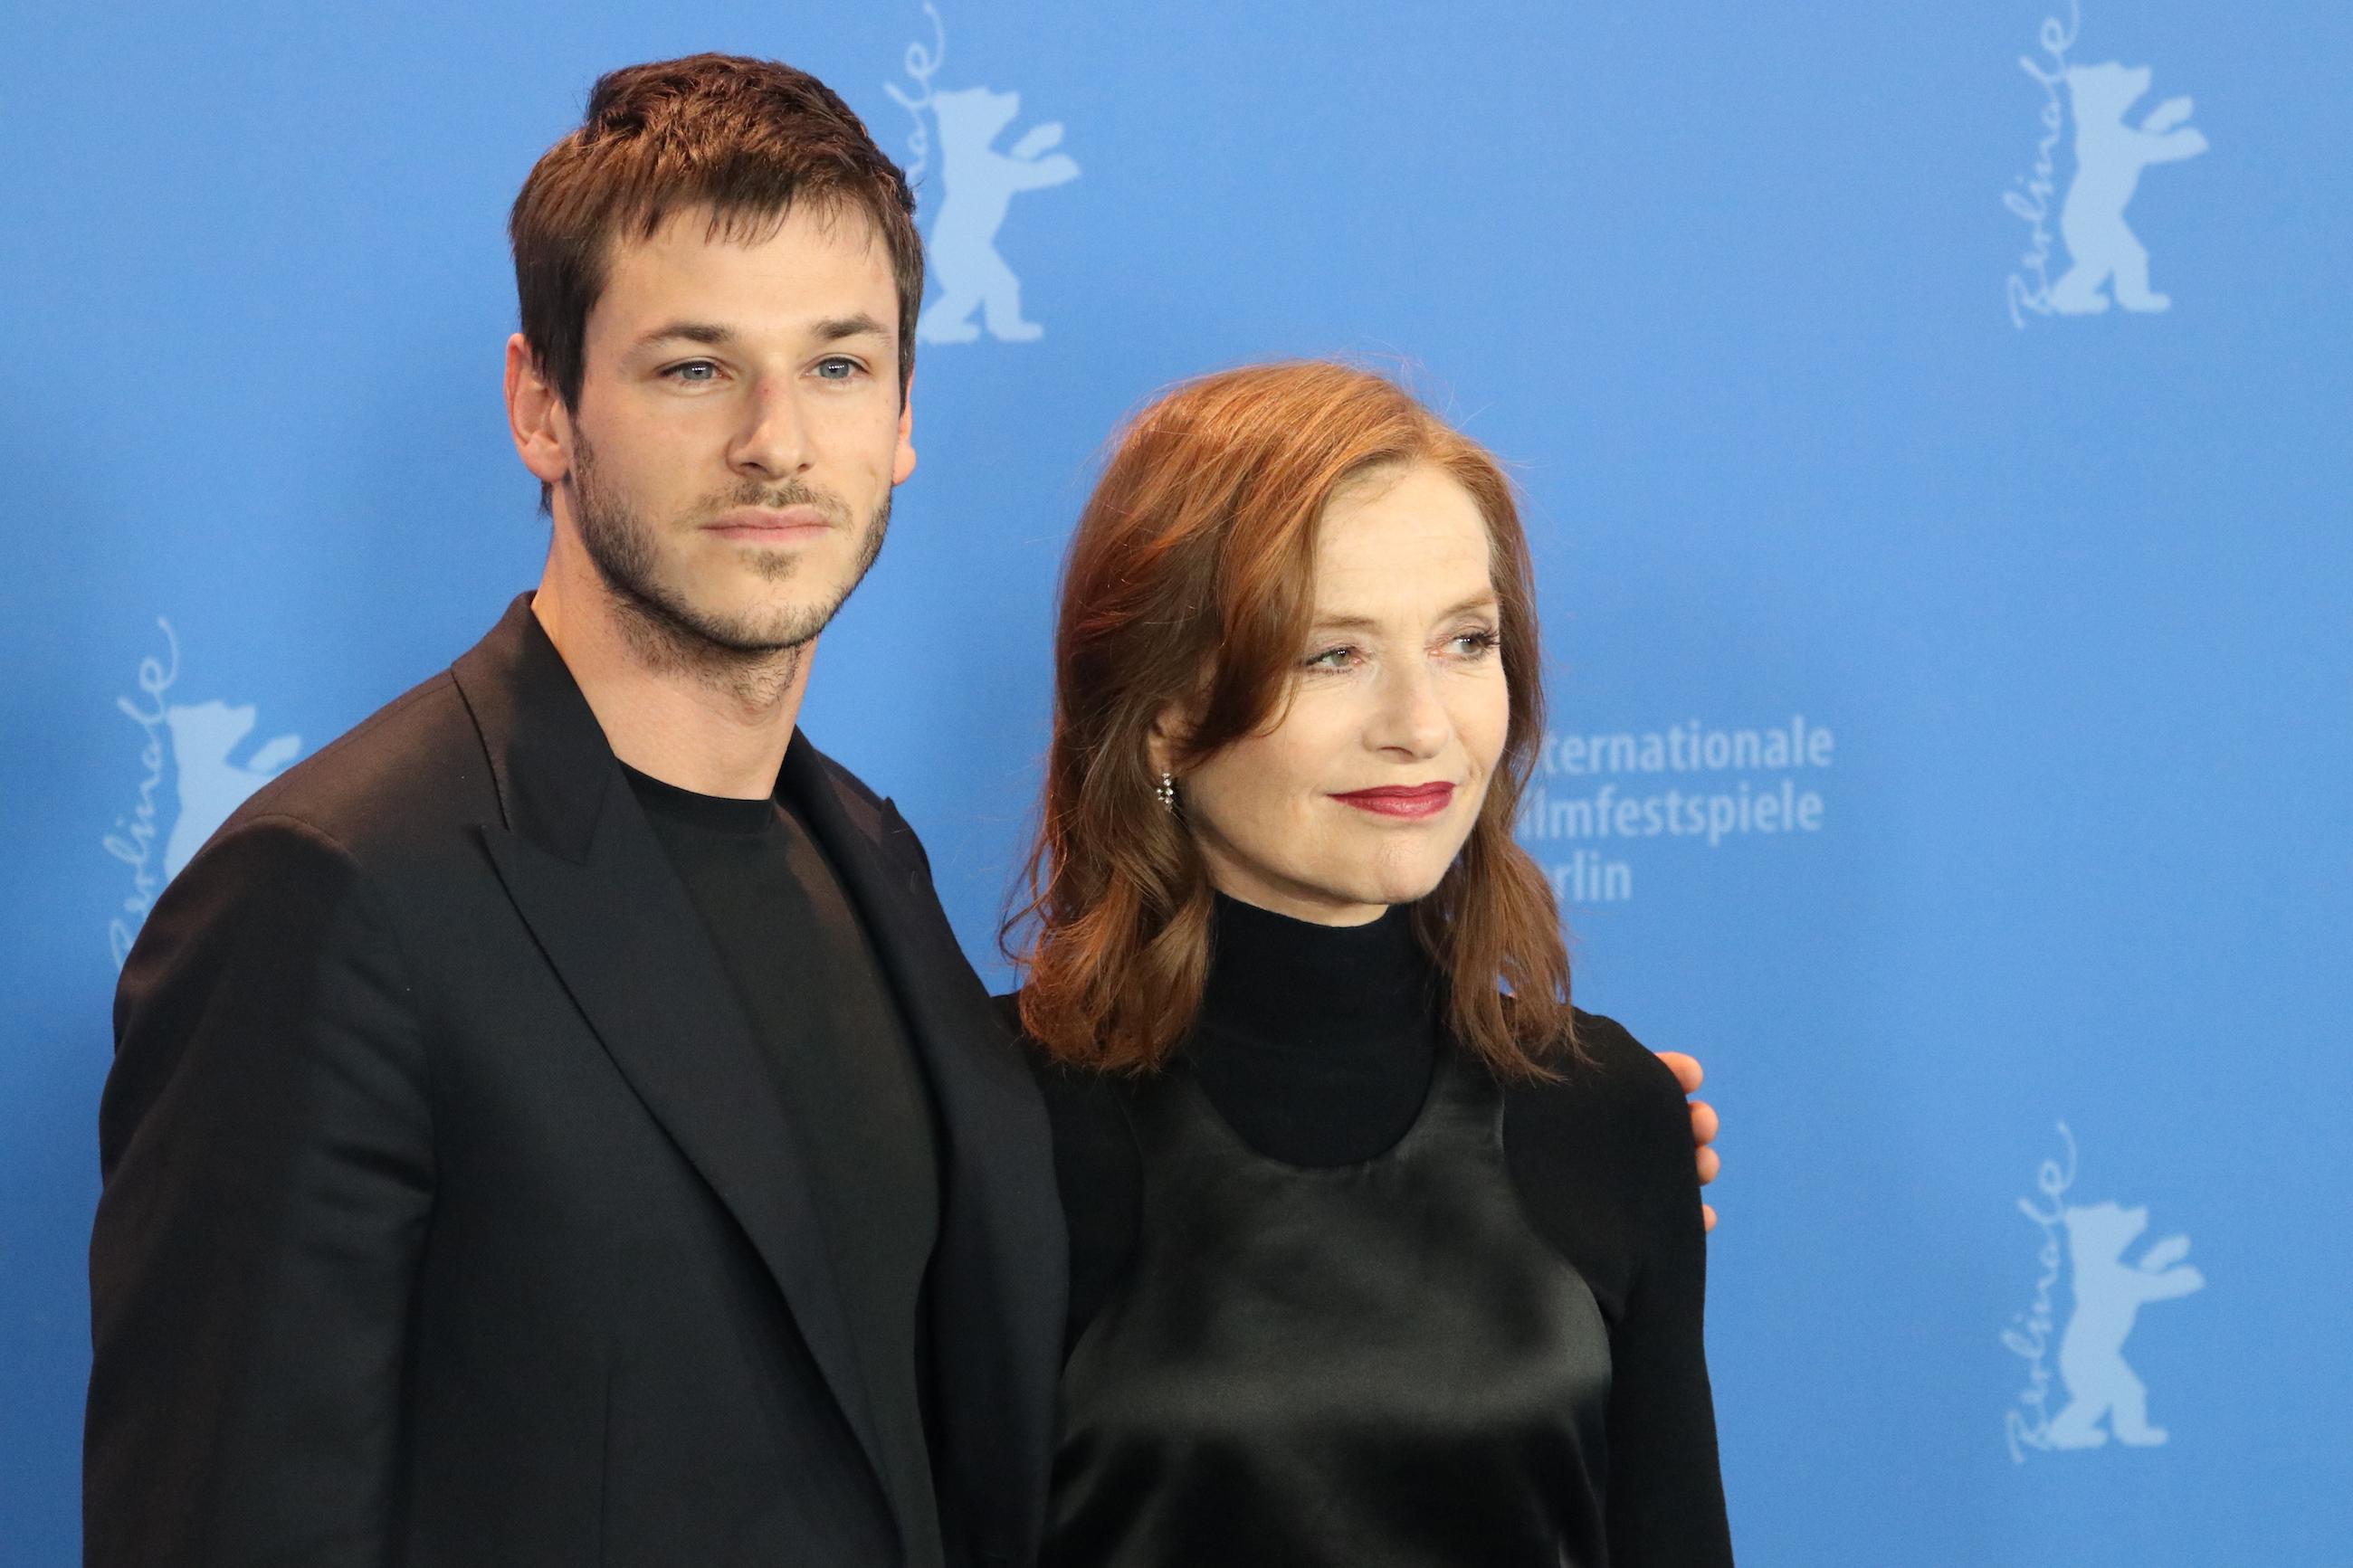 Berlino 2018: Gaspard Ulliel e Isabelle Huppert al photocall di Eva